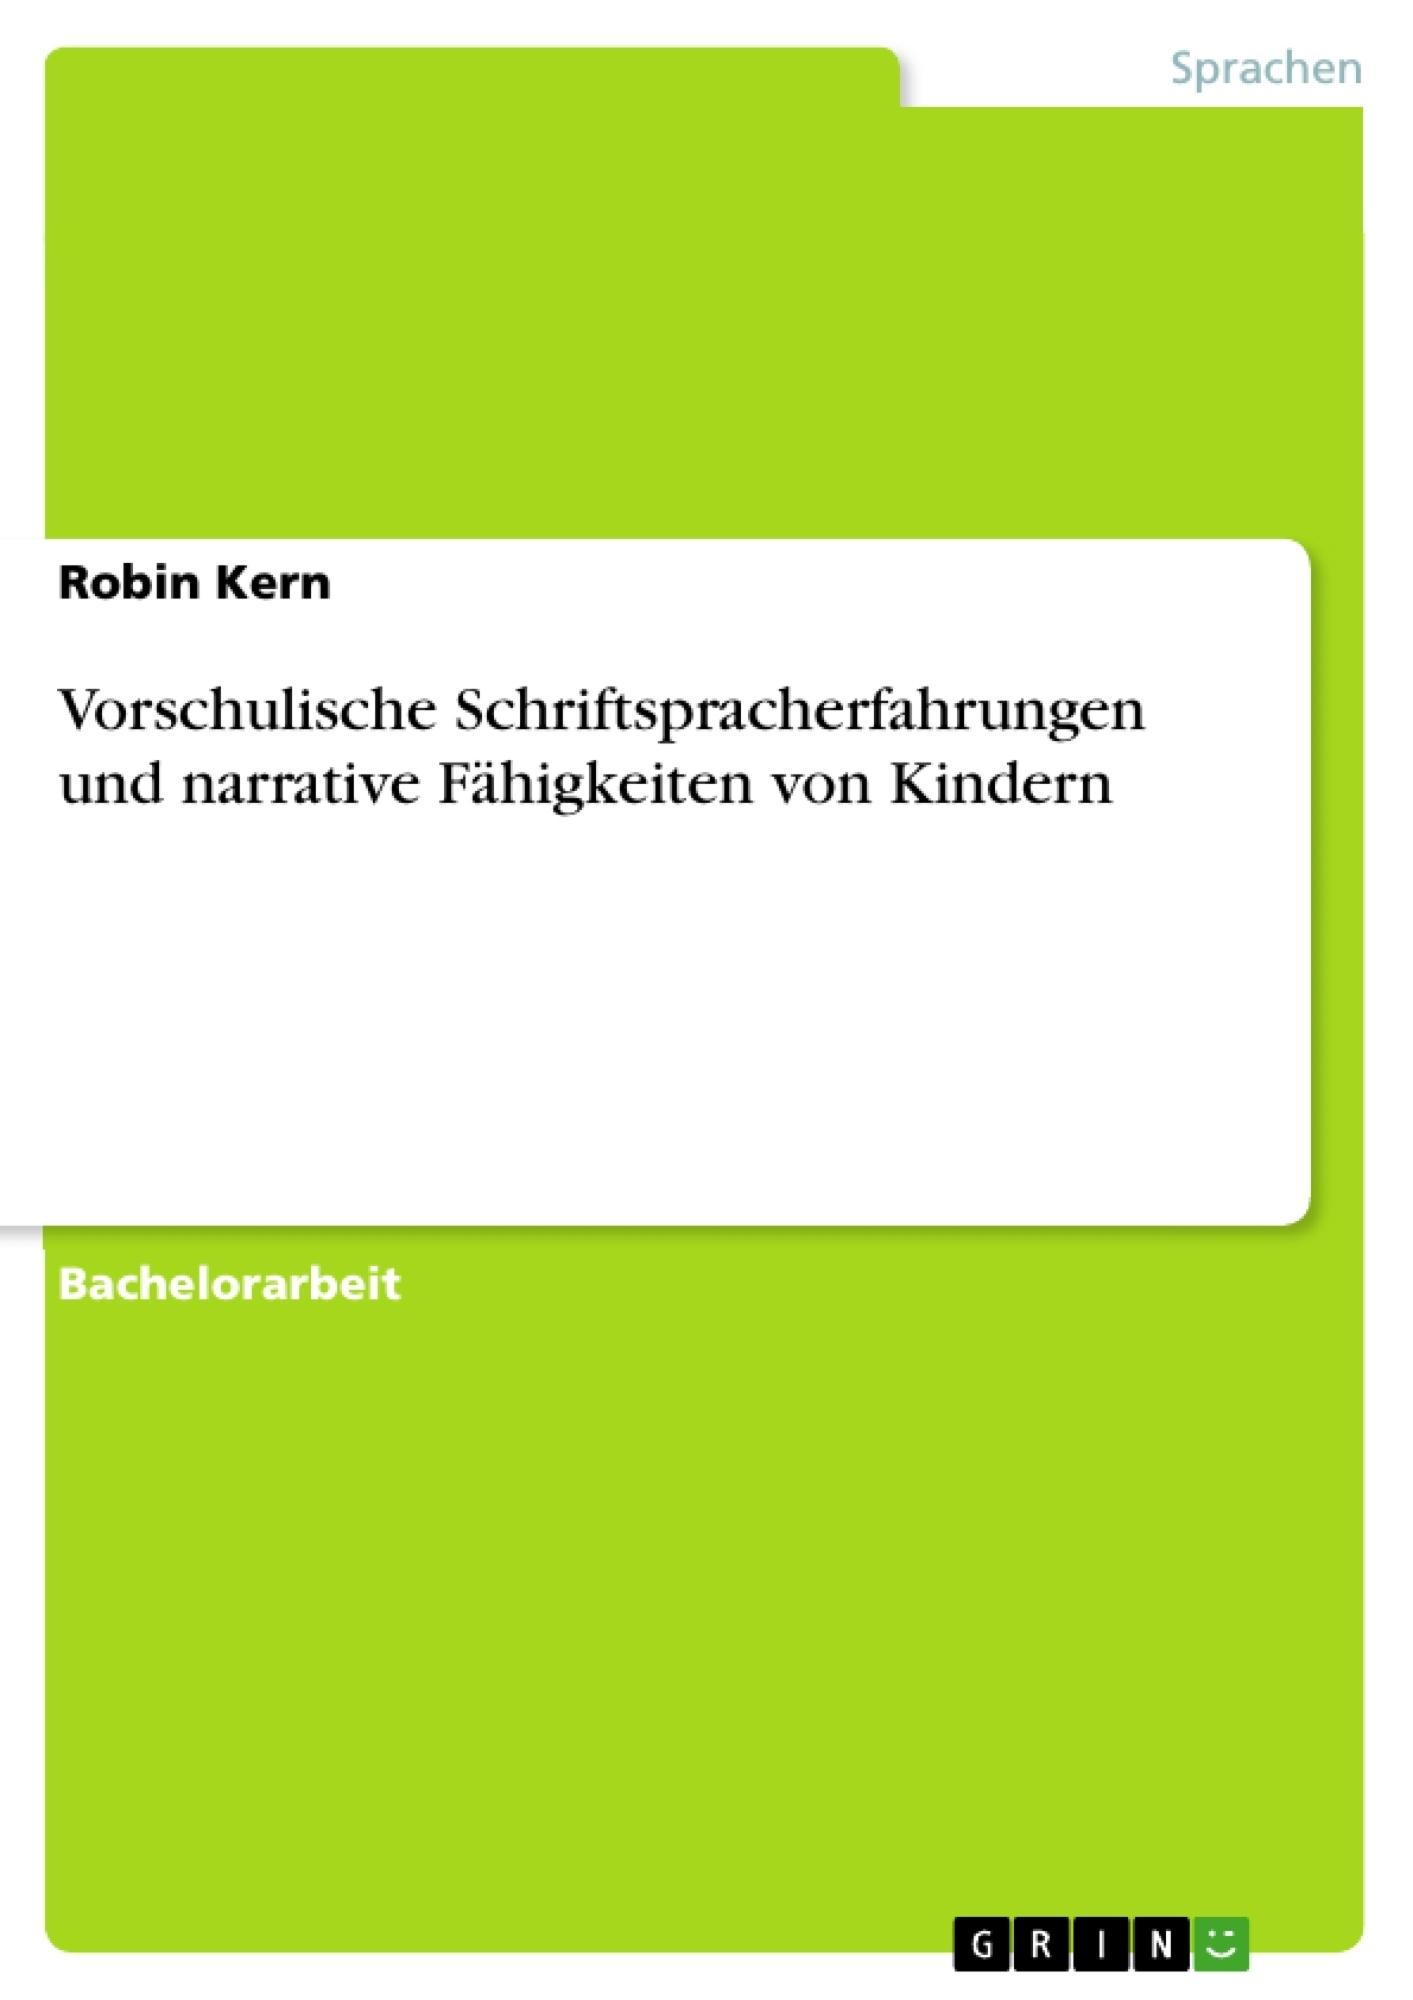 Titel: Vorschulische Schriftspracherfahrungen und narrative Fähigkeiten von Kindern